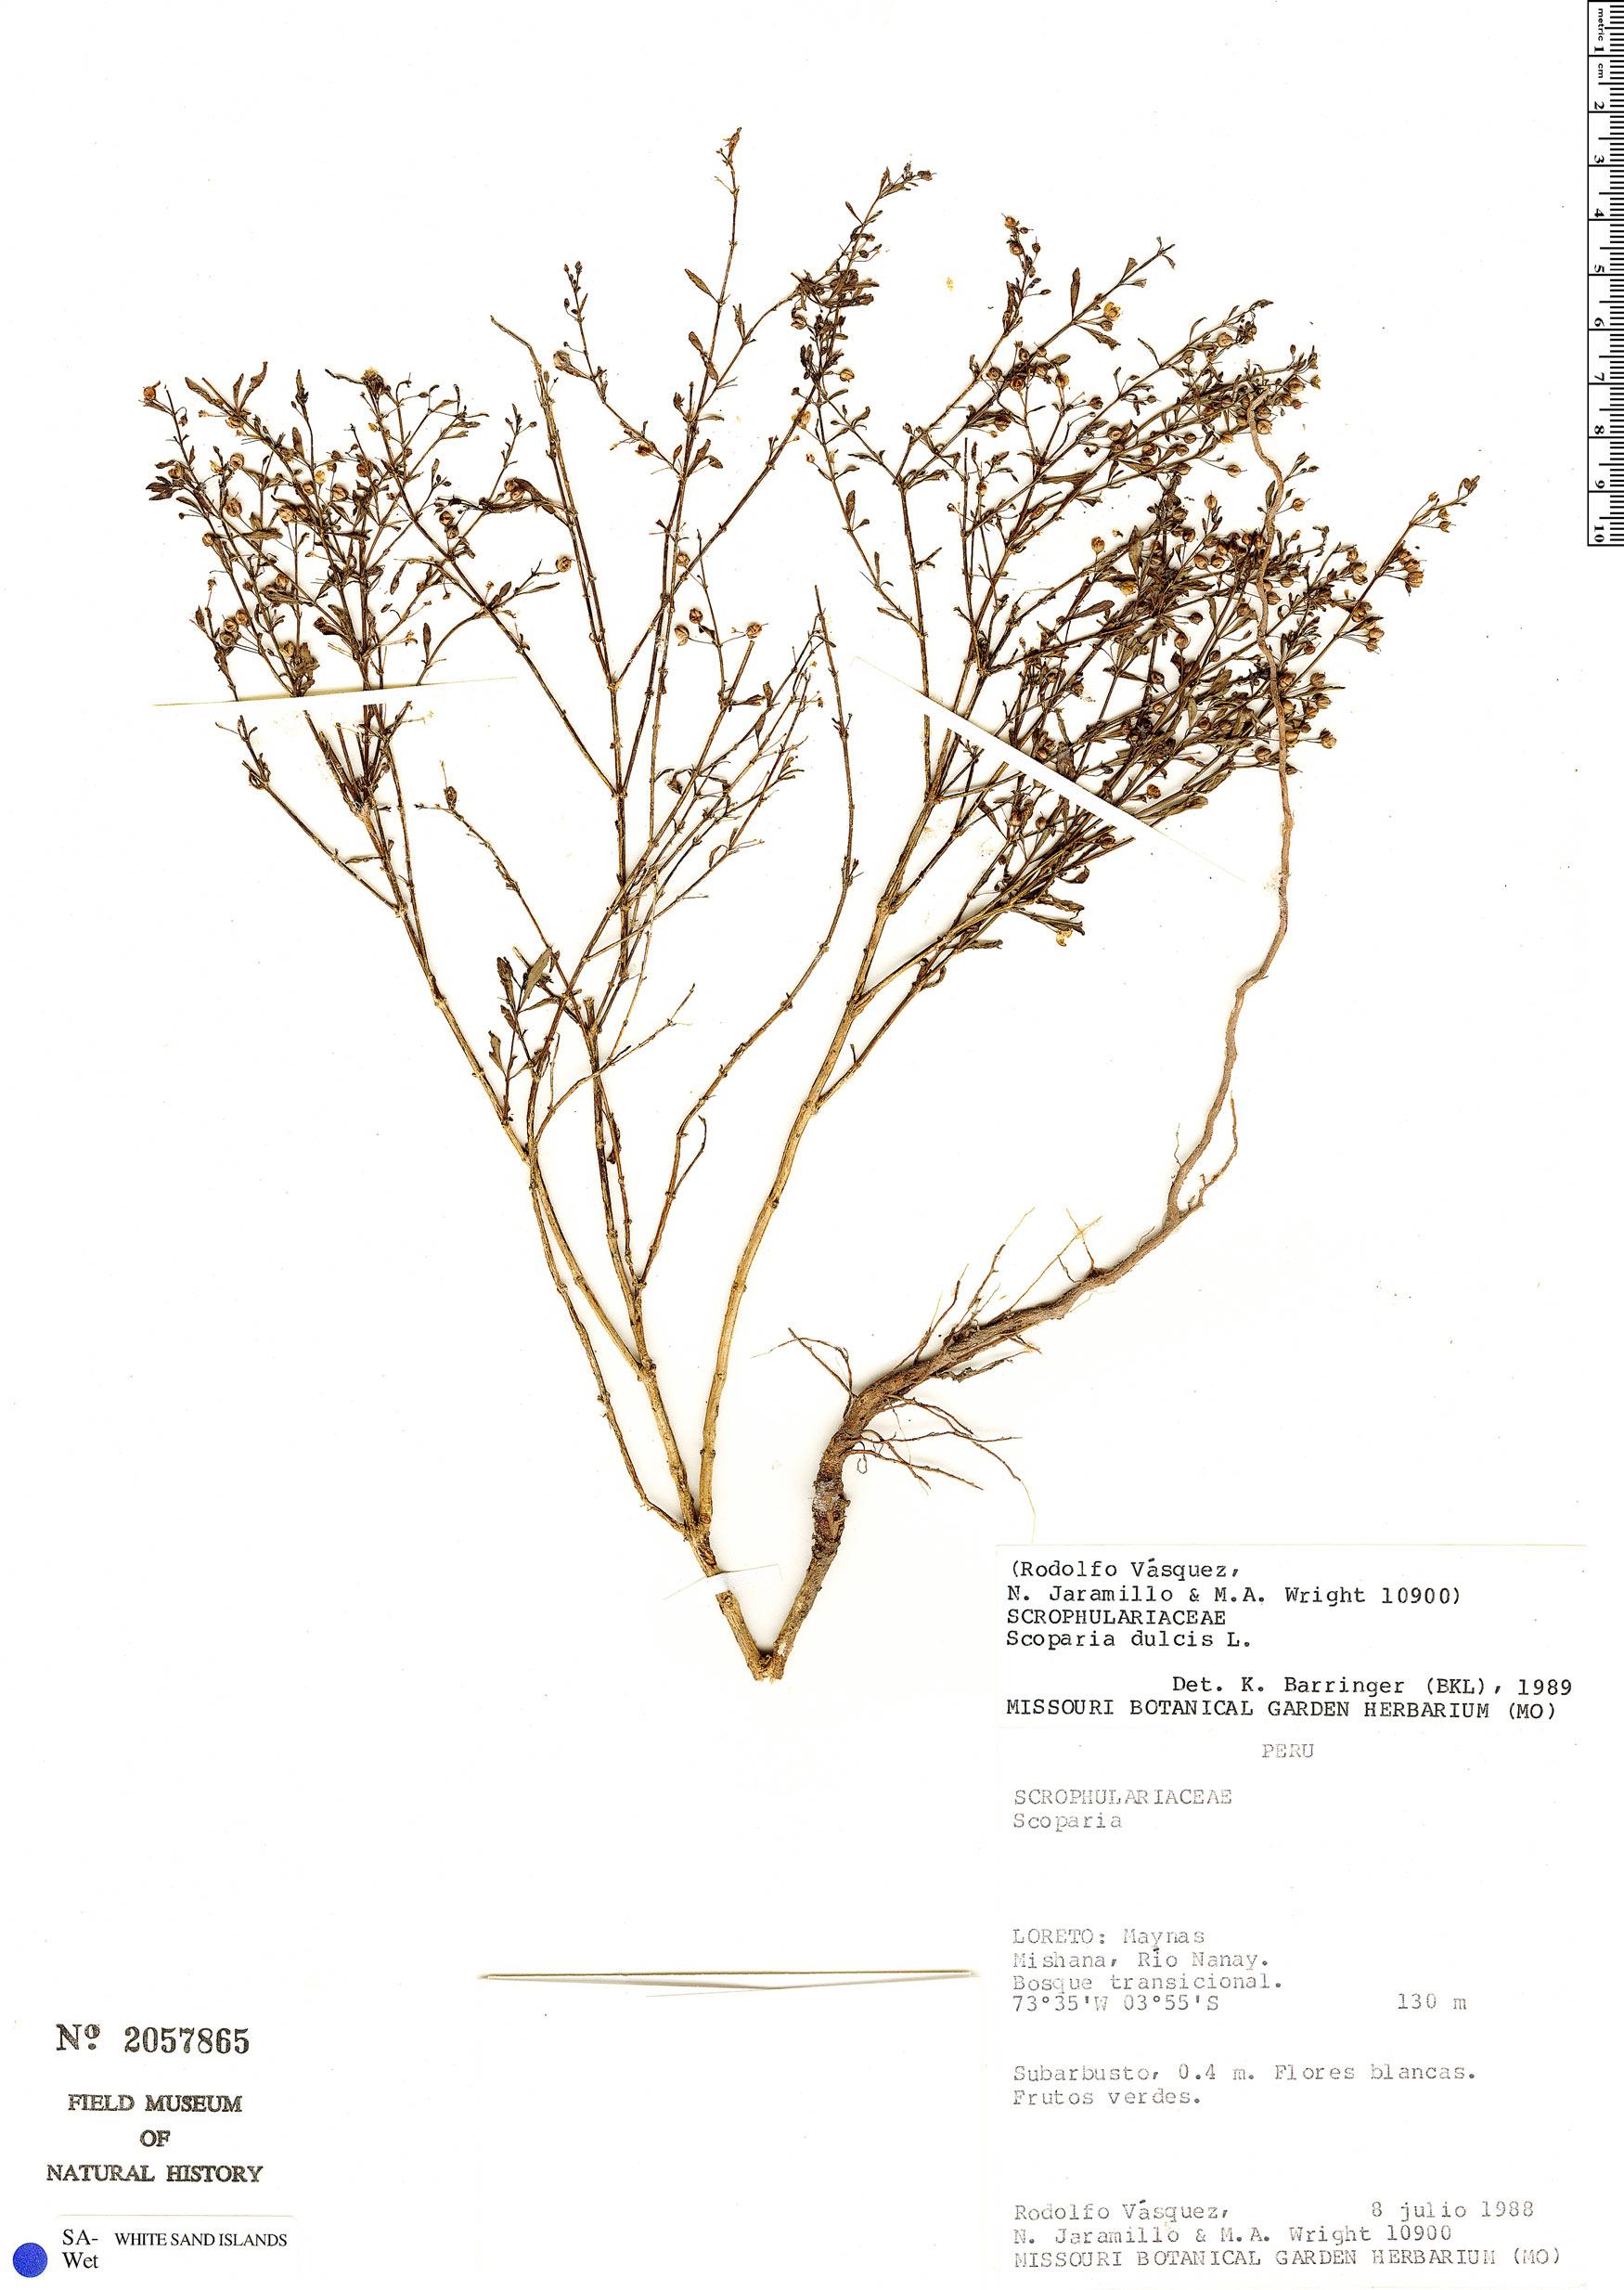 Specimen: Scoparia dulcis